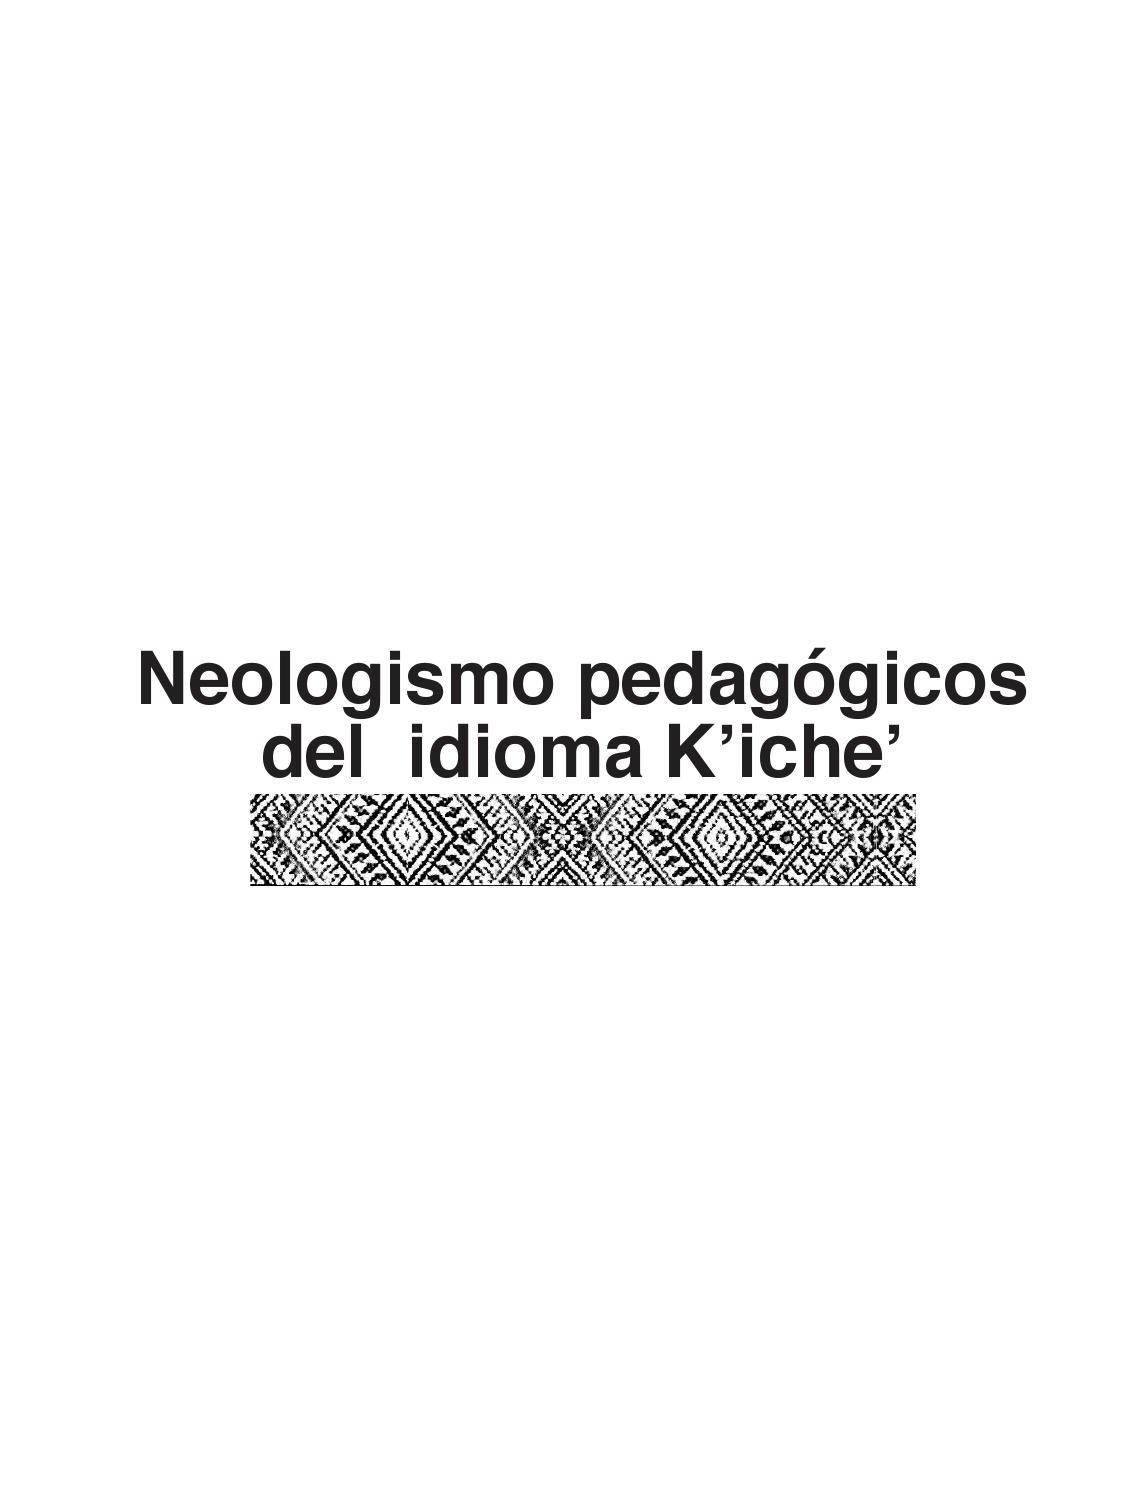 Neologismosk\'iche\'pdf by diego - issuu